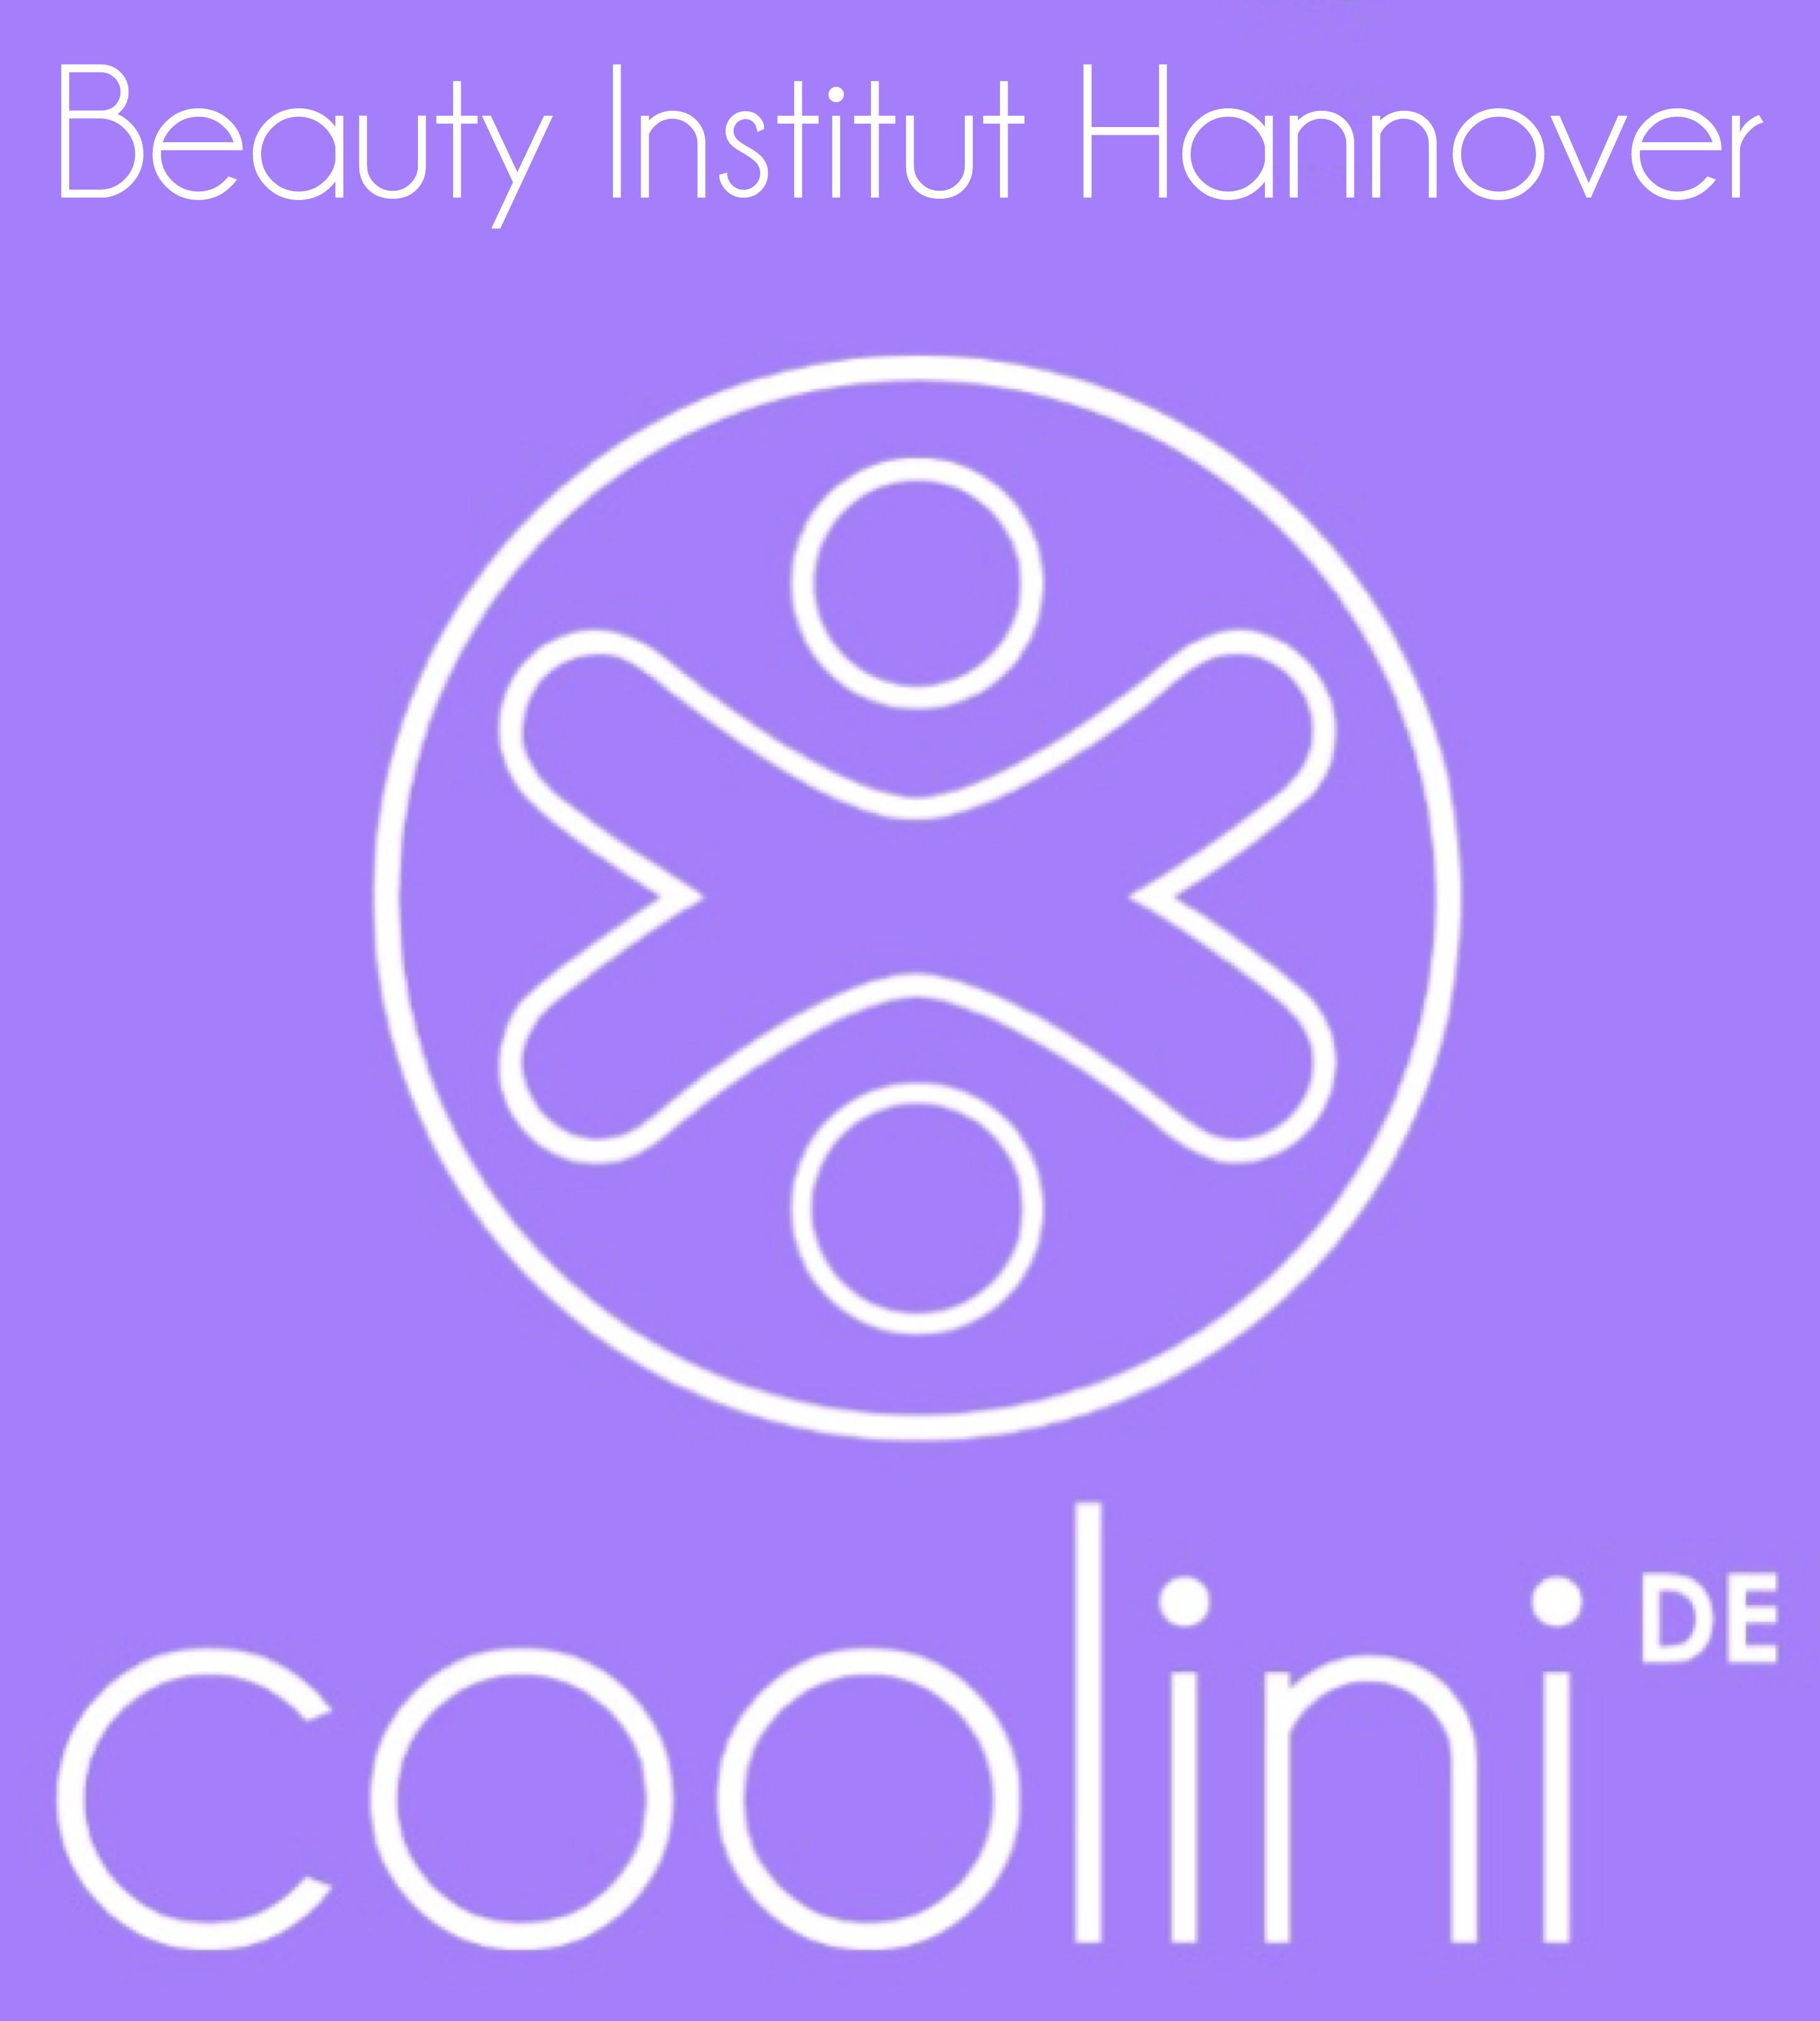 Logo coolini beauty